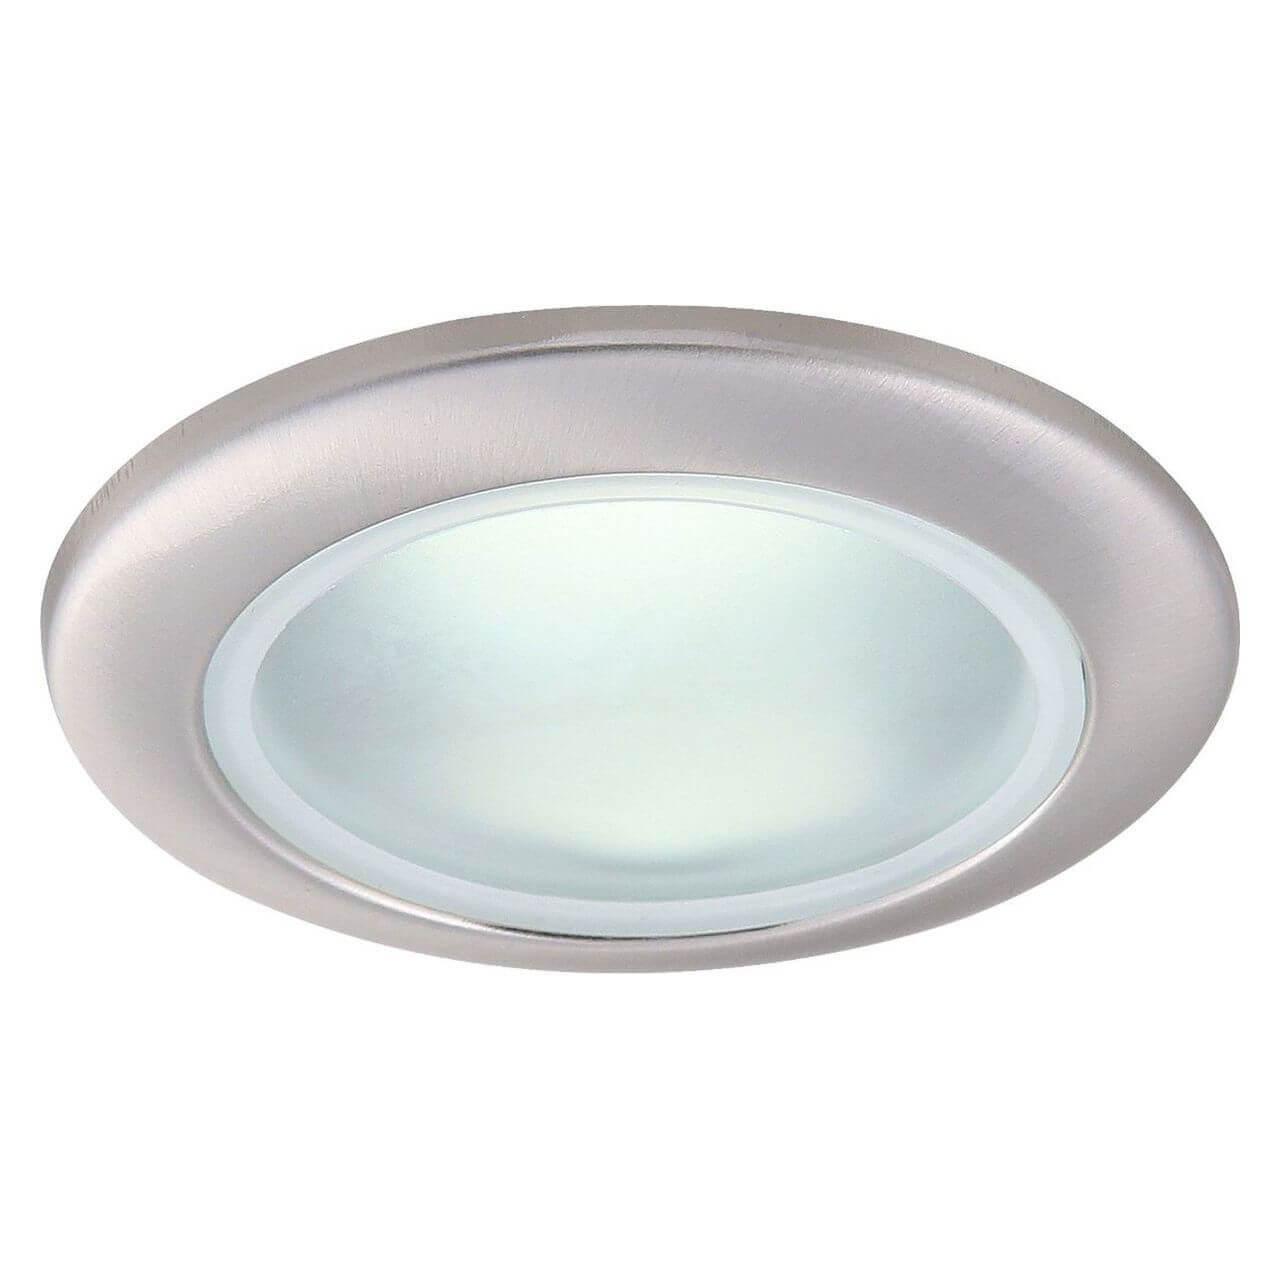 Светильник Arte Lamp A2024PL-1SS Aqua arte lamp встраиваемый светильник aqua a2024pl 1wh